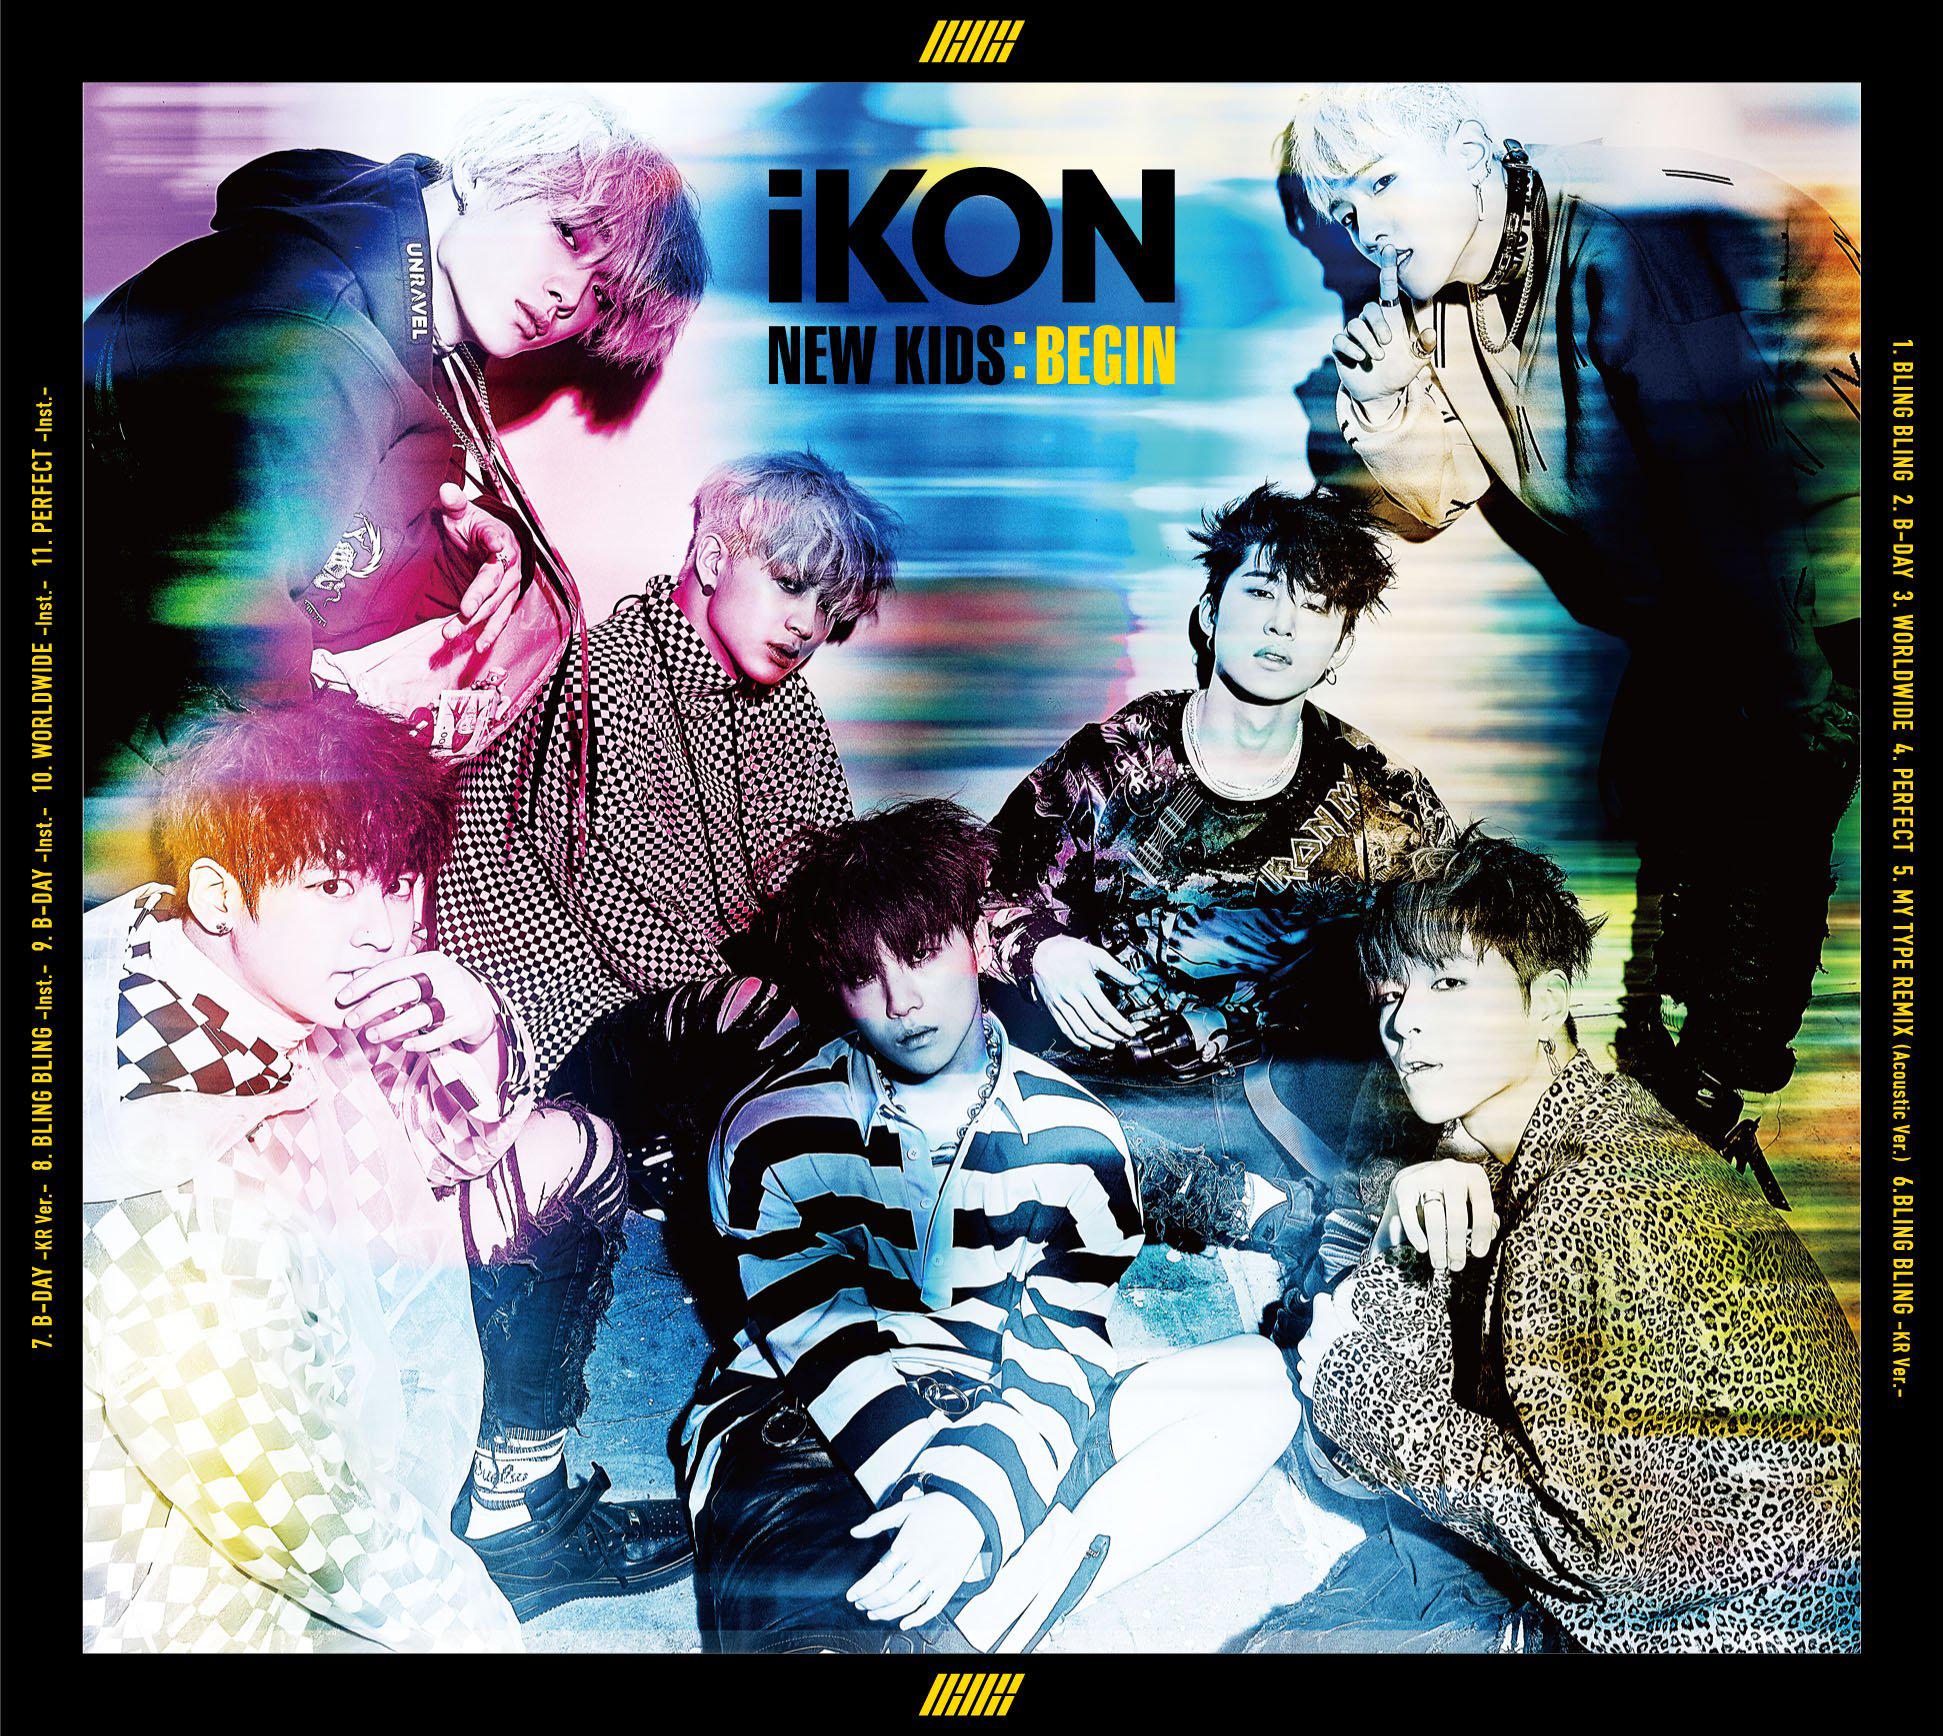 New Kids : Begin (album) | Kpop Wiki | FANDOM powered by Wikia